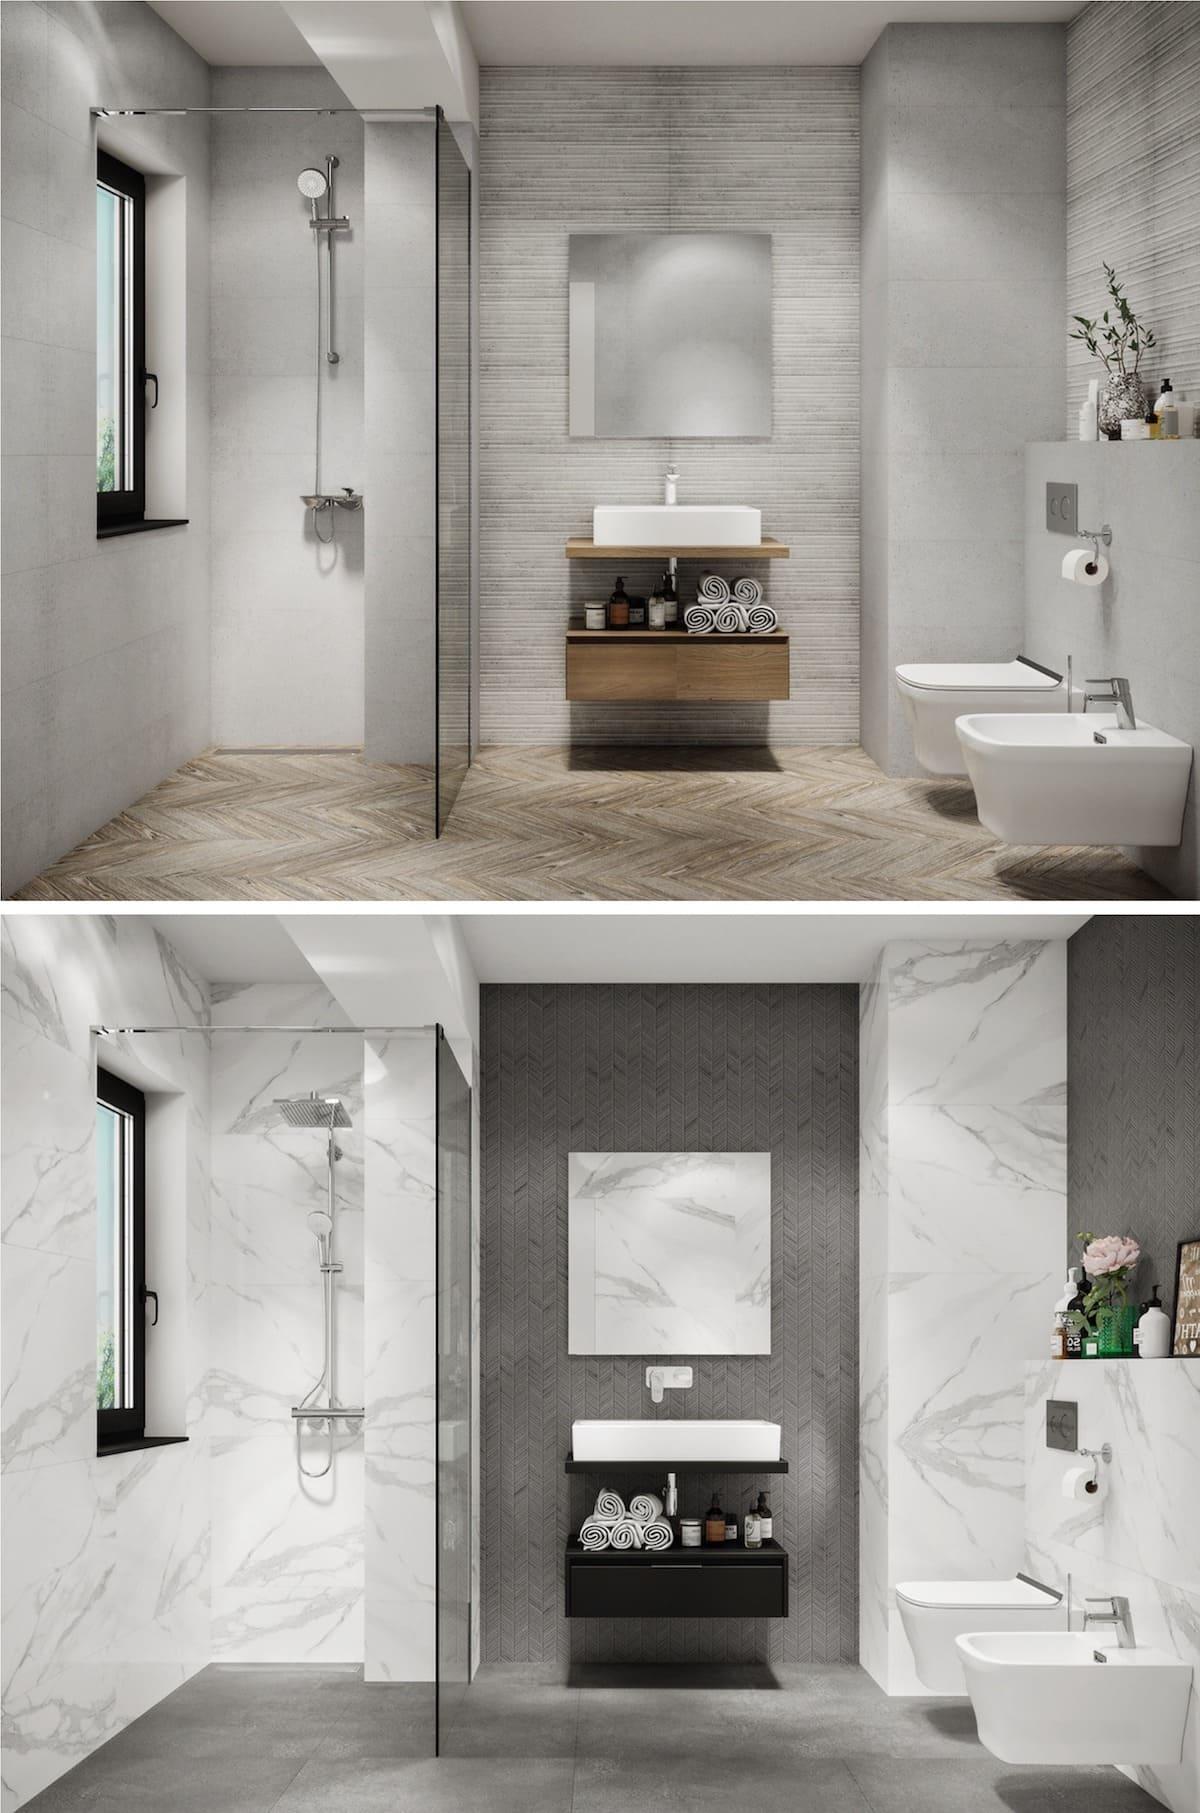 дизайн интерьера ванной комнаты фото 20